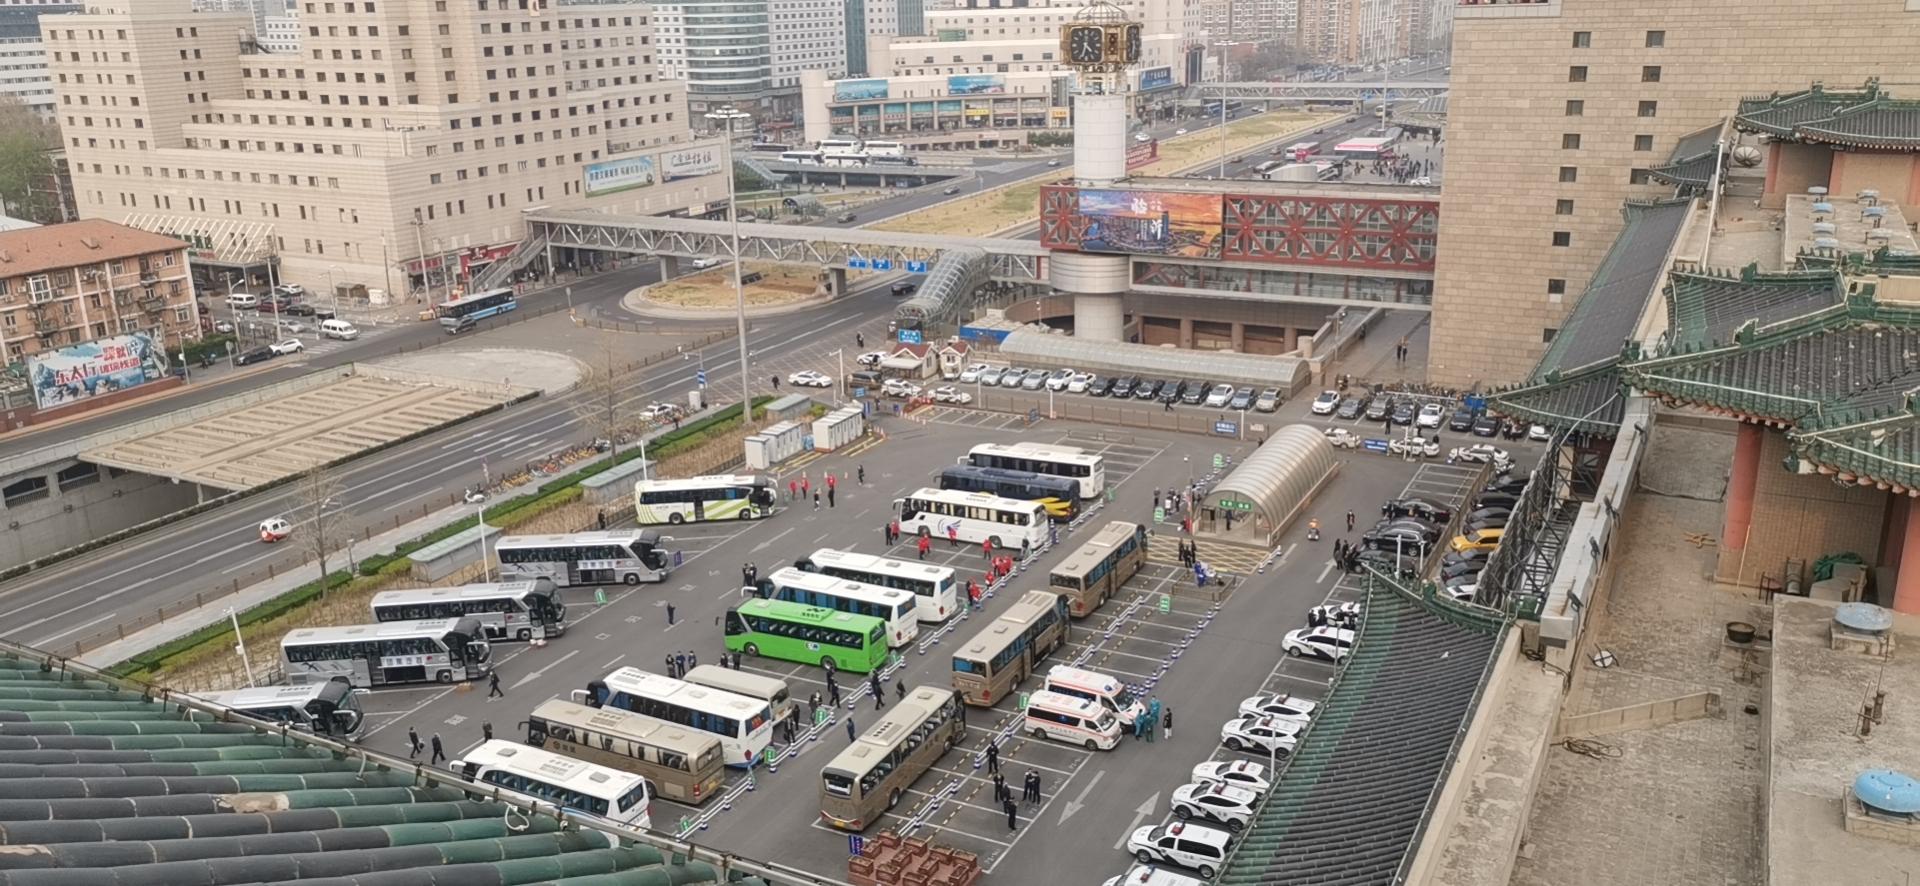 首批滞留湖北人员即将乘火车抵京,西站P2停车场已清空图片